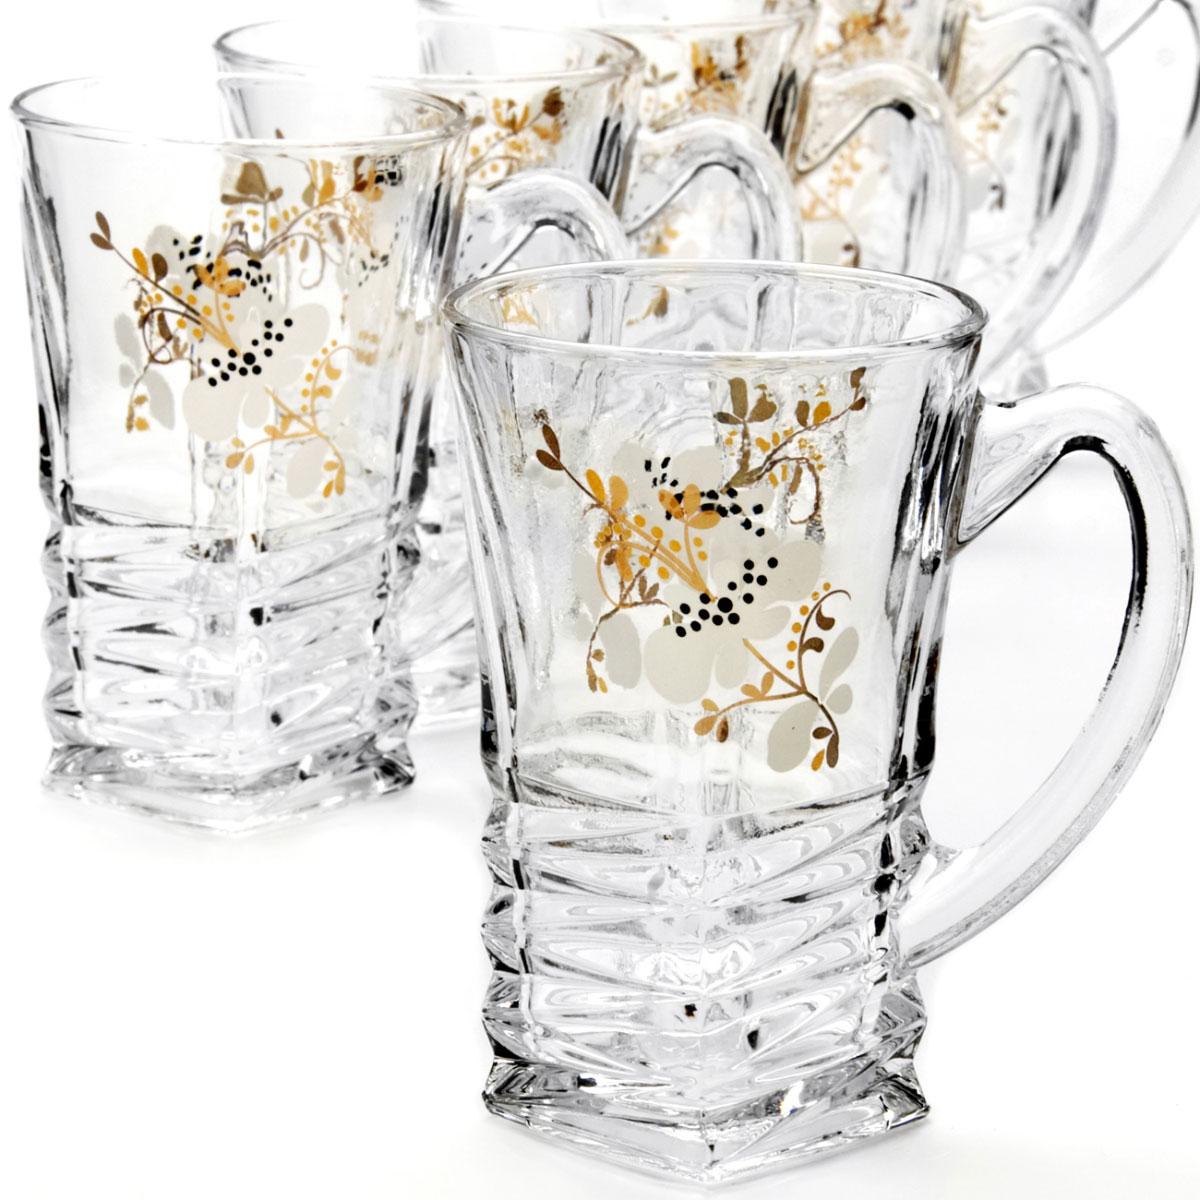 Набор кружек Loraine, 155 мл, 6 шт. 2408324083Набор Loraine состоит из 6 кружек, выполненных из высококачественного стекла. Изделия декорированы изысканным рельефом и рисунком. Благодаря такому набору пить напитки будет еще вкуснее. Набор кружек Loraine станет также отличным подарком на любой праздник. Подходит для горячих и холодных напитков. Не рекомендуется мыть в посудомоечной машине. Диаметр стакана (по верхнему краю): 6 см. Высота стакана: 10 см.